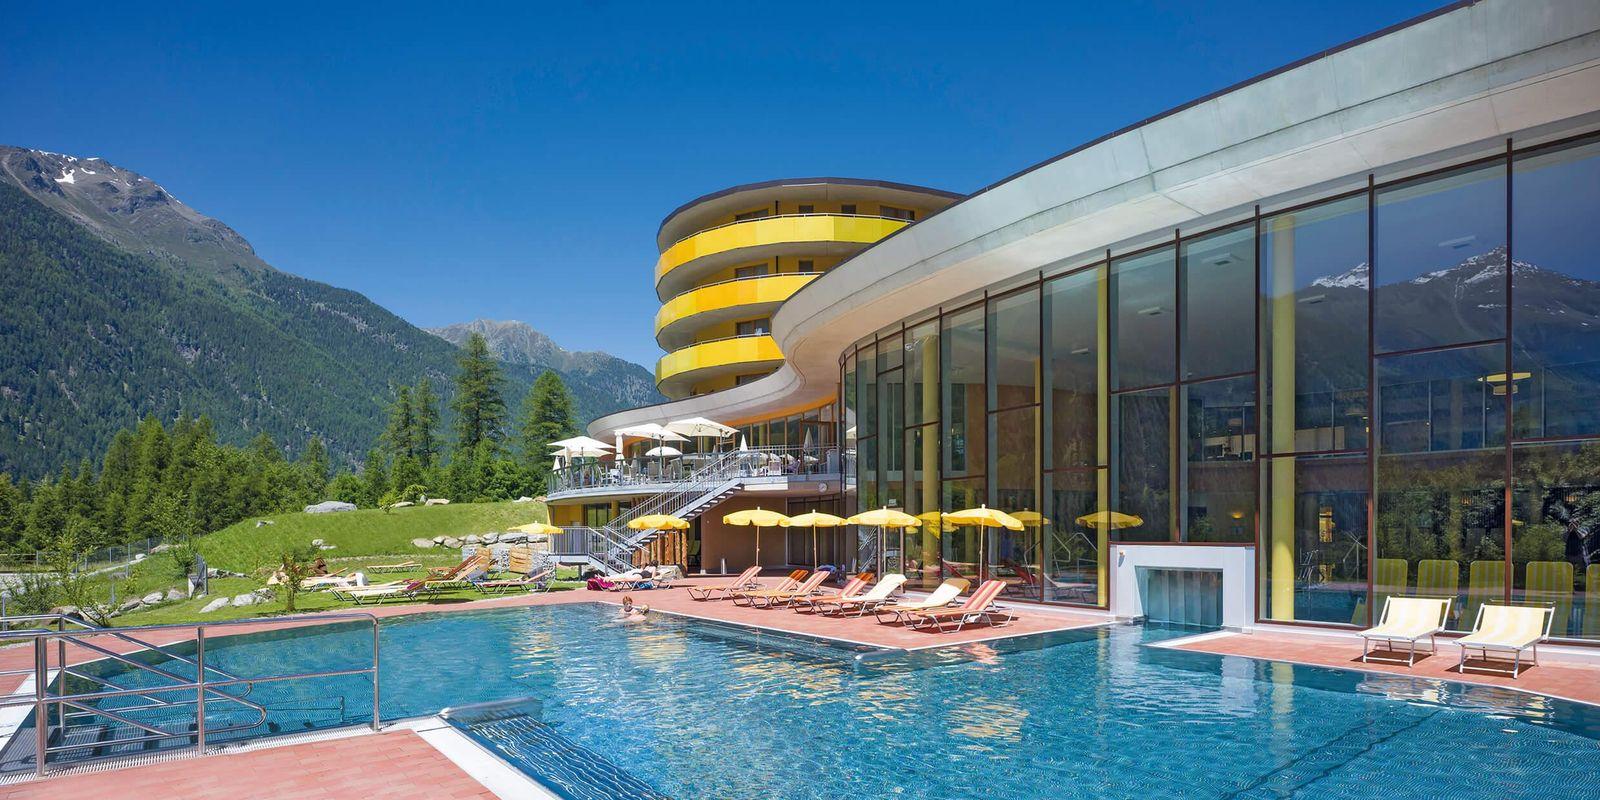 Vivea Gesundheitshotel Umhausen im Ötztal, Tirol